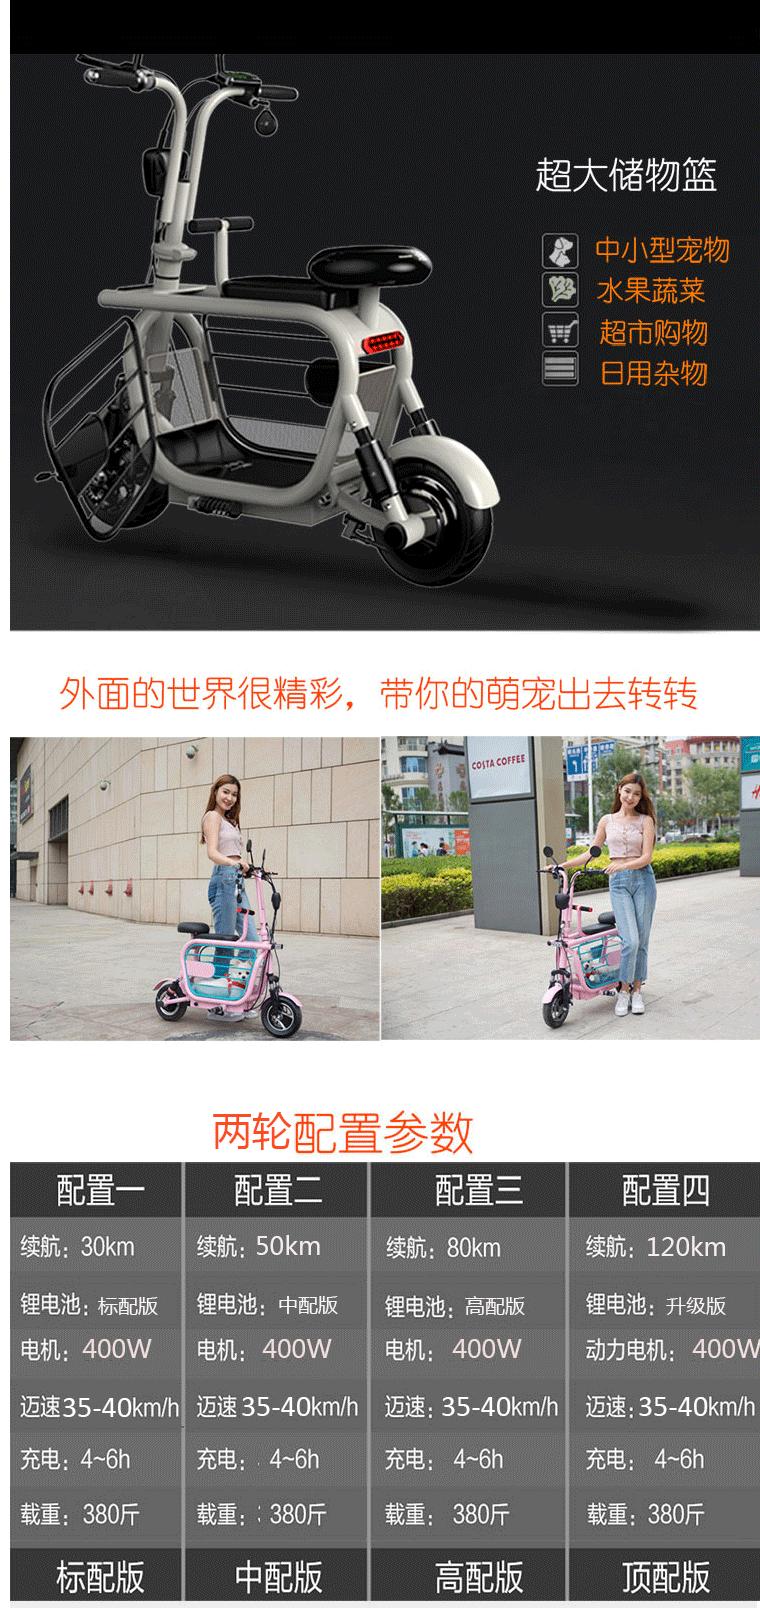 摺迭电动滑板自行车老人小型锂电成人三轮亲子男女迷你代步驾电瓶详细照片